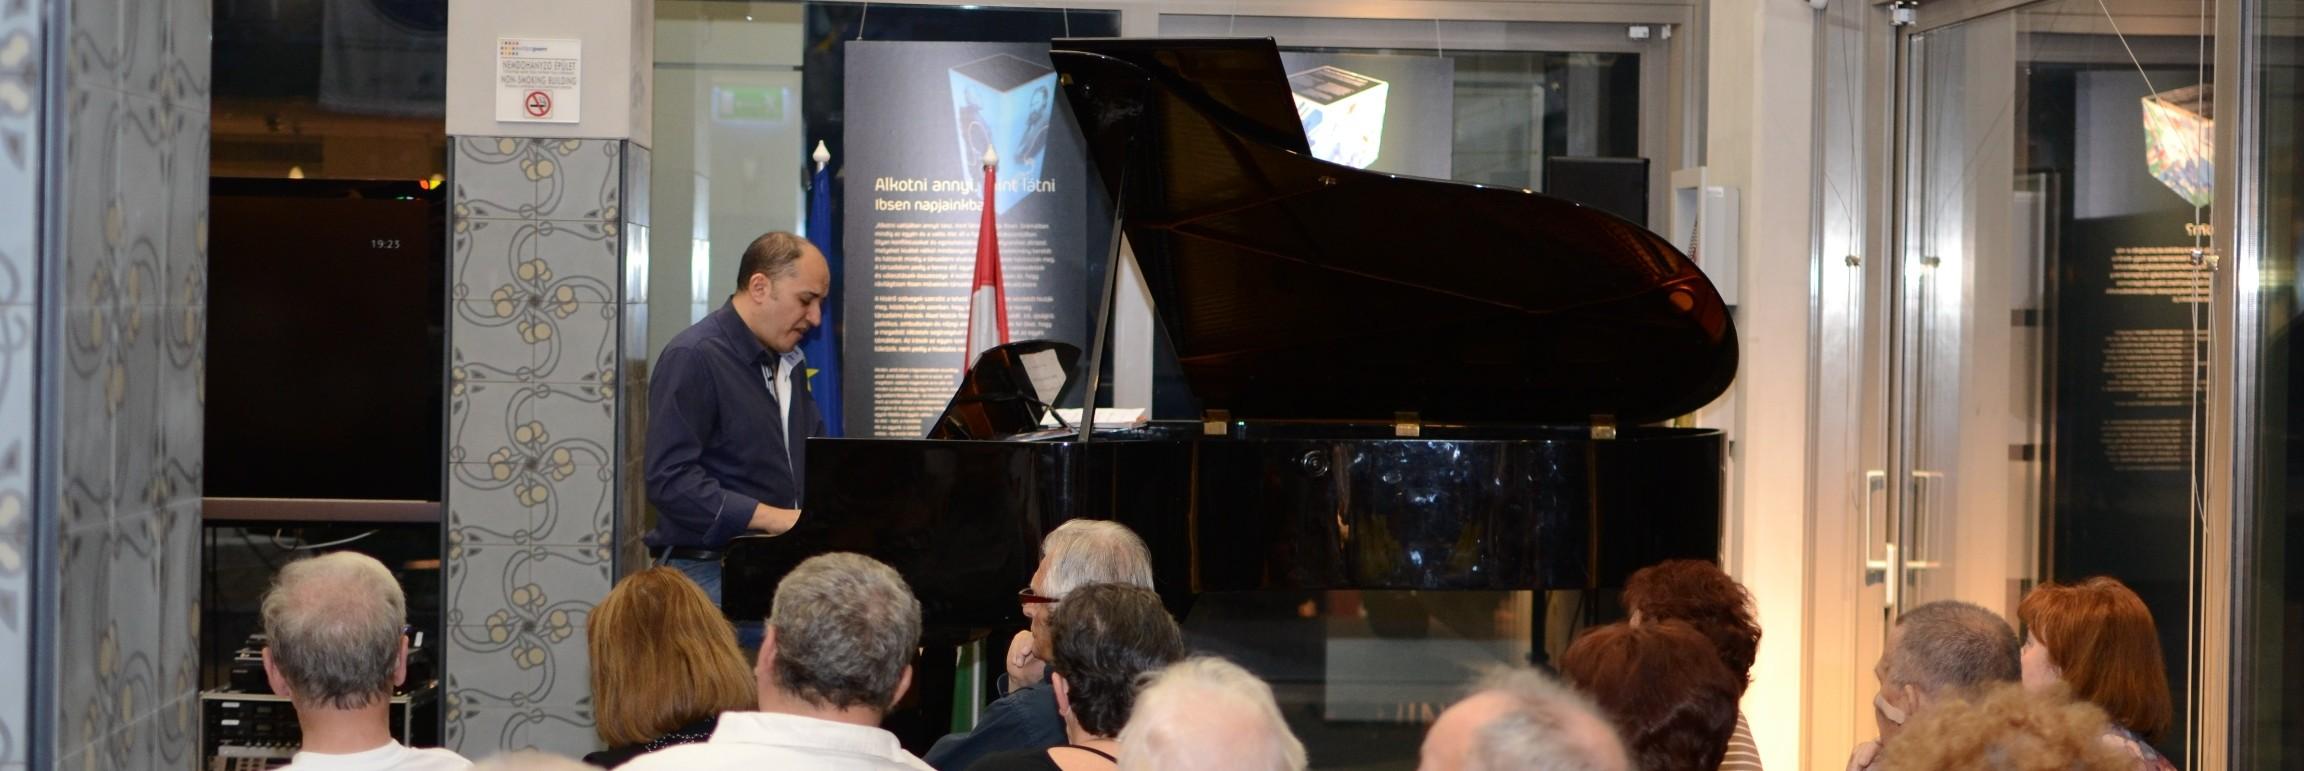 Oláh Kálmán koncert - Nemzetközi Jazz Nap 2012